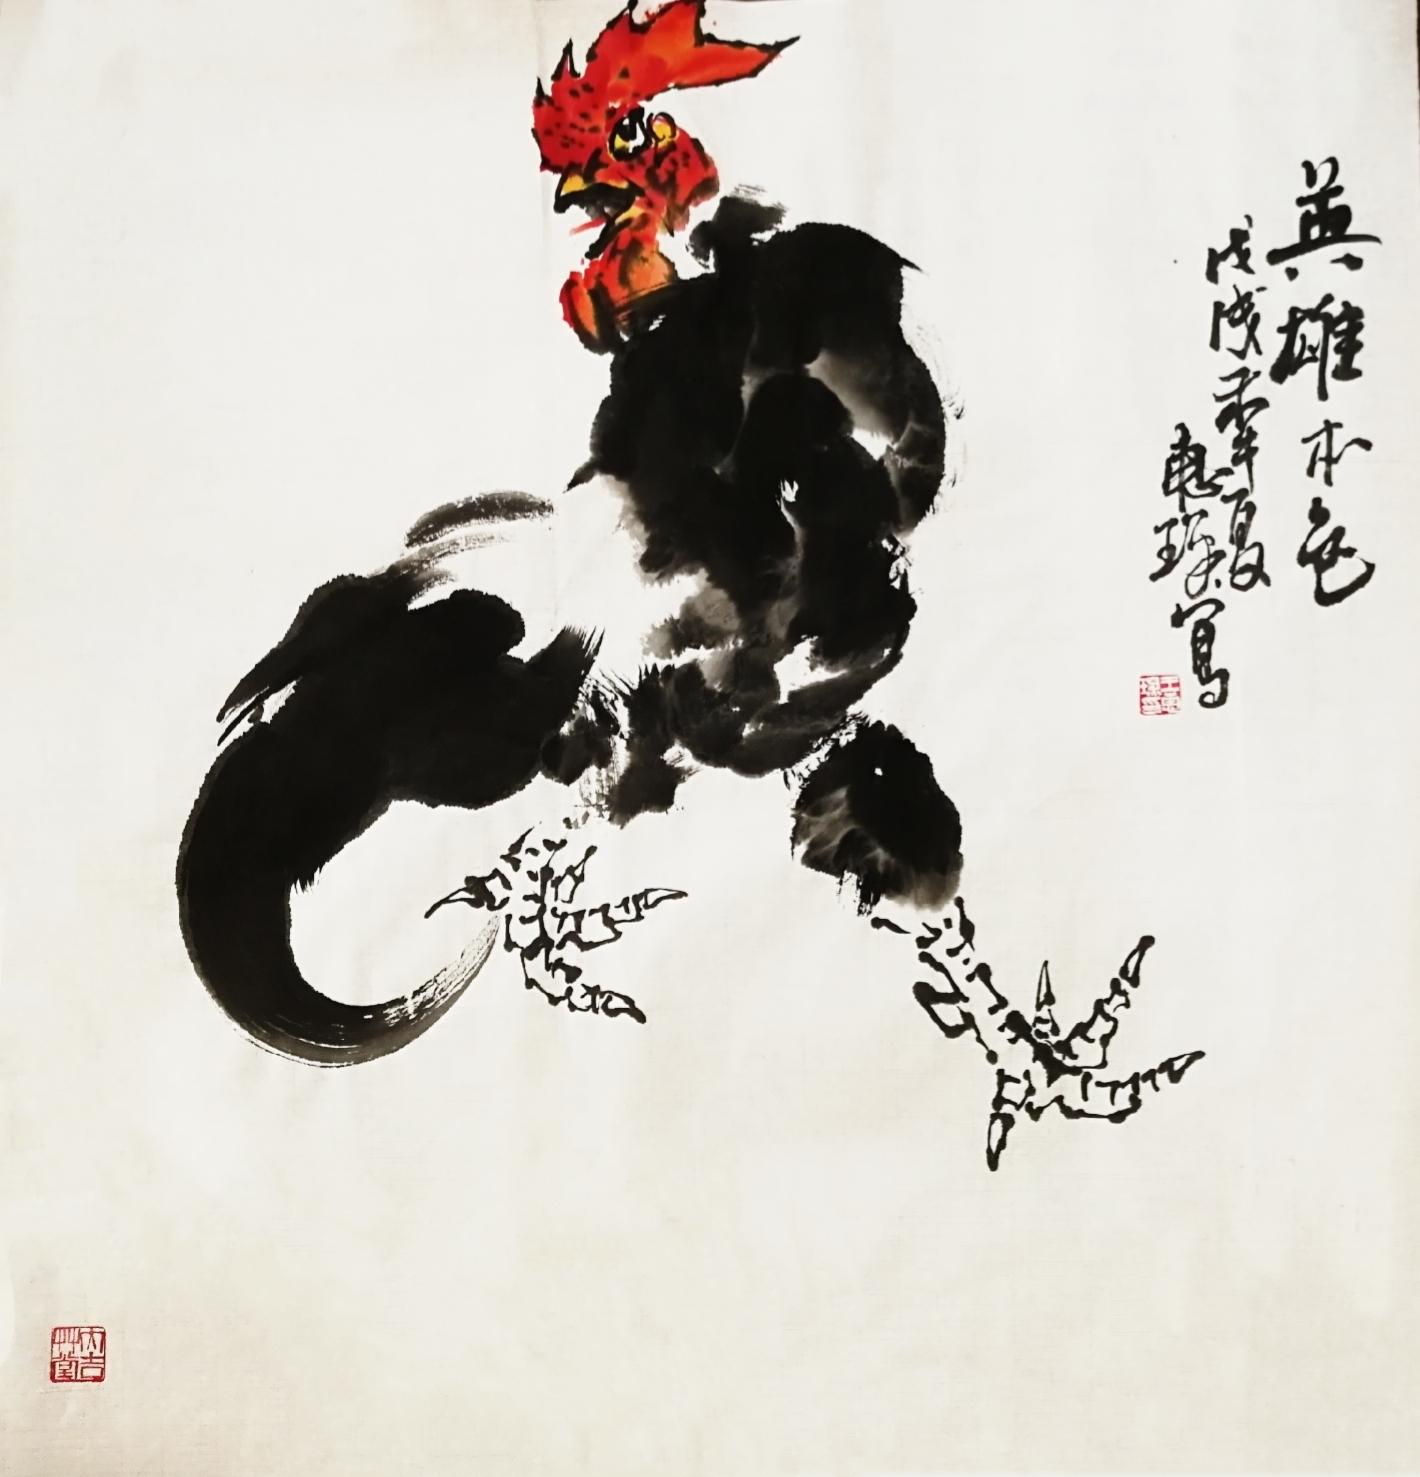 王惠琛书画作品集 惟妙惟肖丨情趣盎然